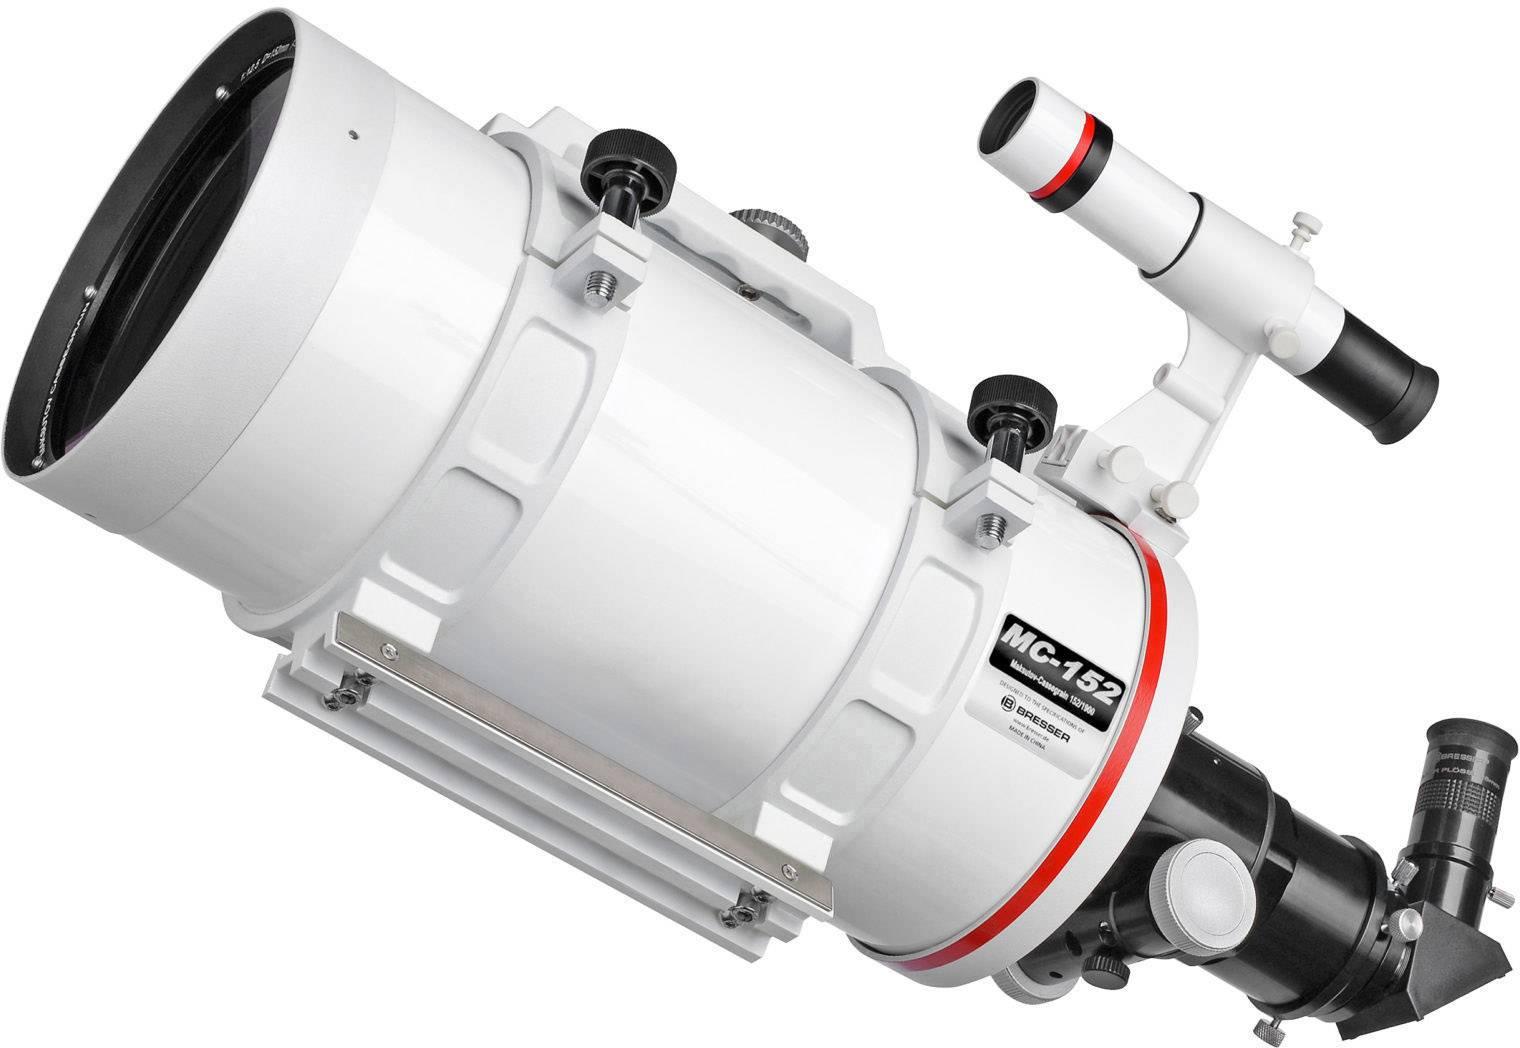 Bedienungsanleitung national geographic teleskop x